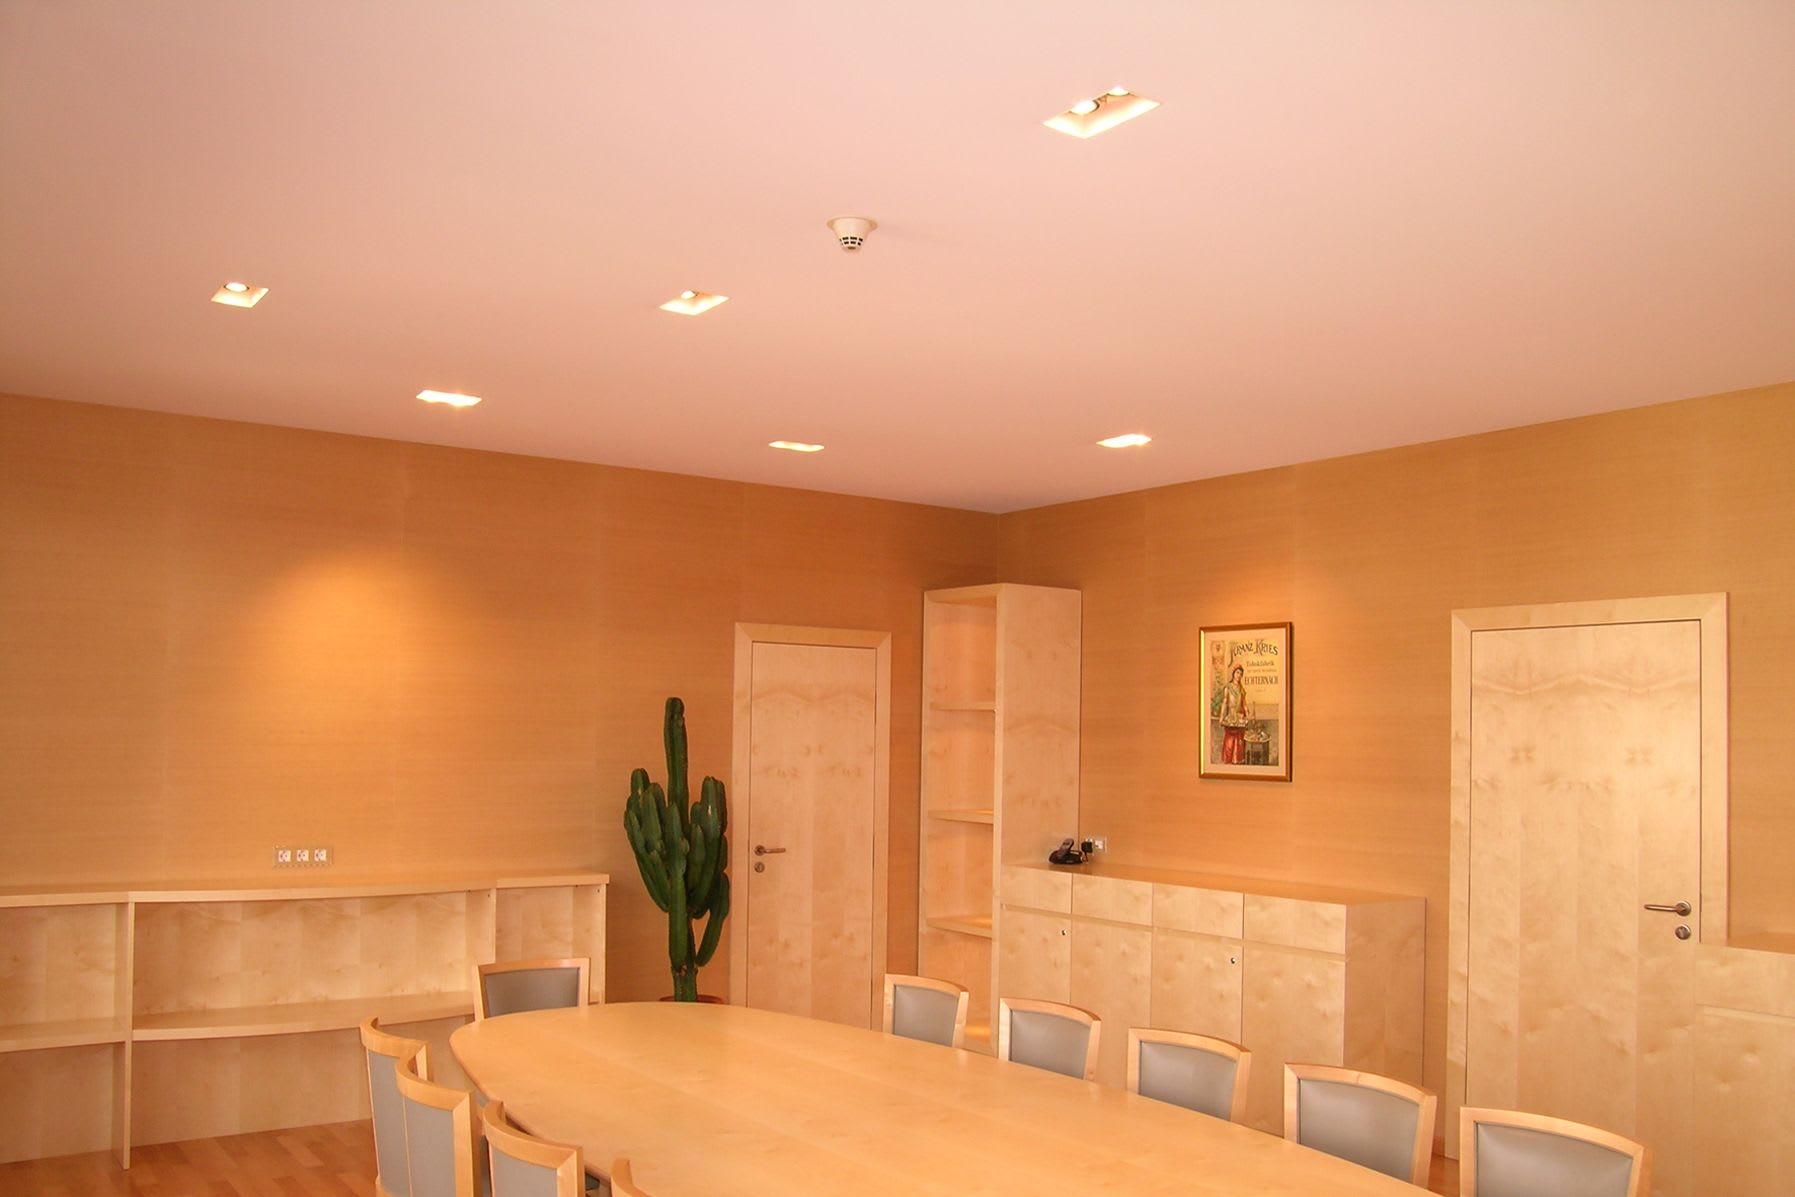 Spanndecke mit Beleuchtung Wand mit Kaktus